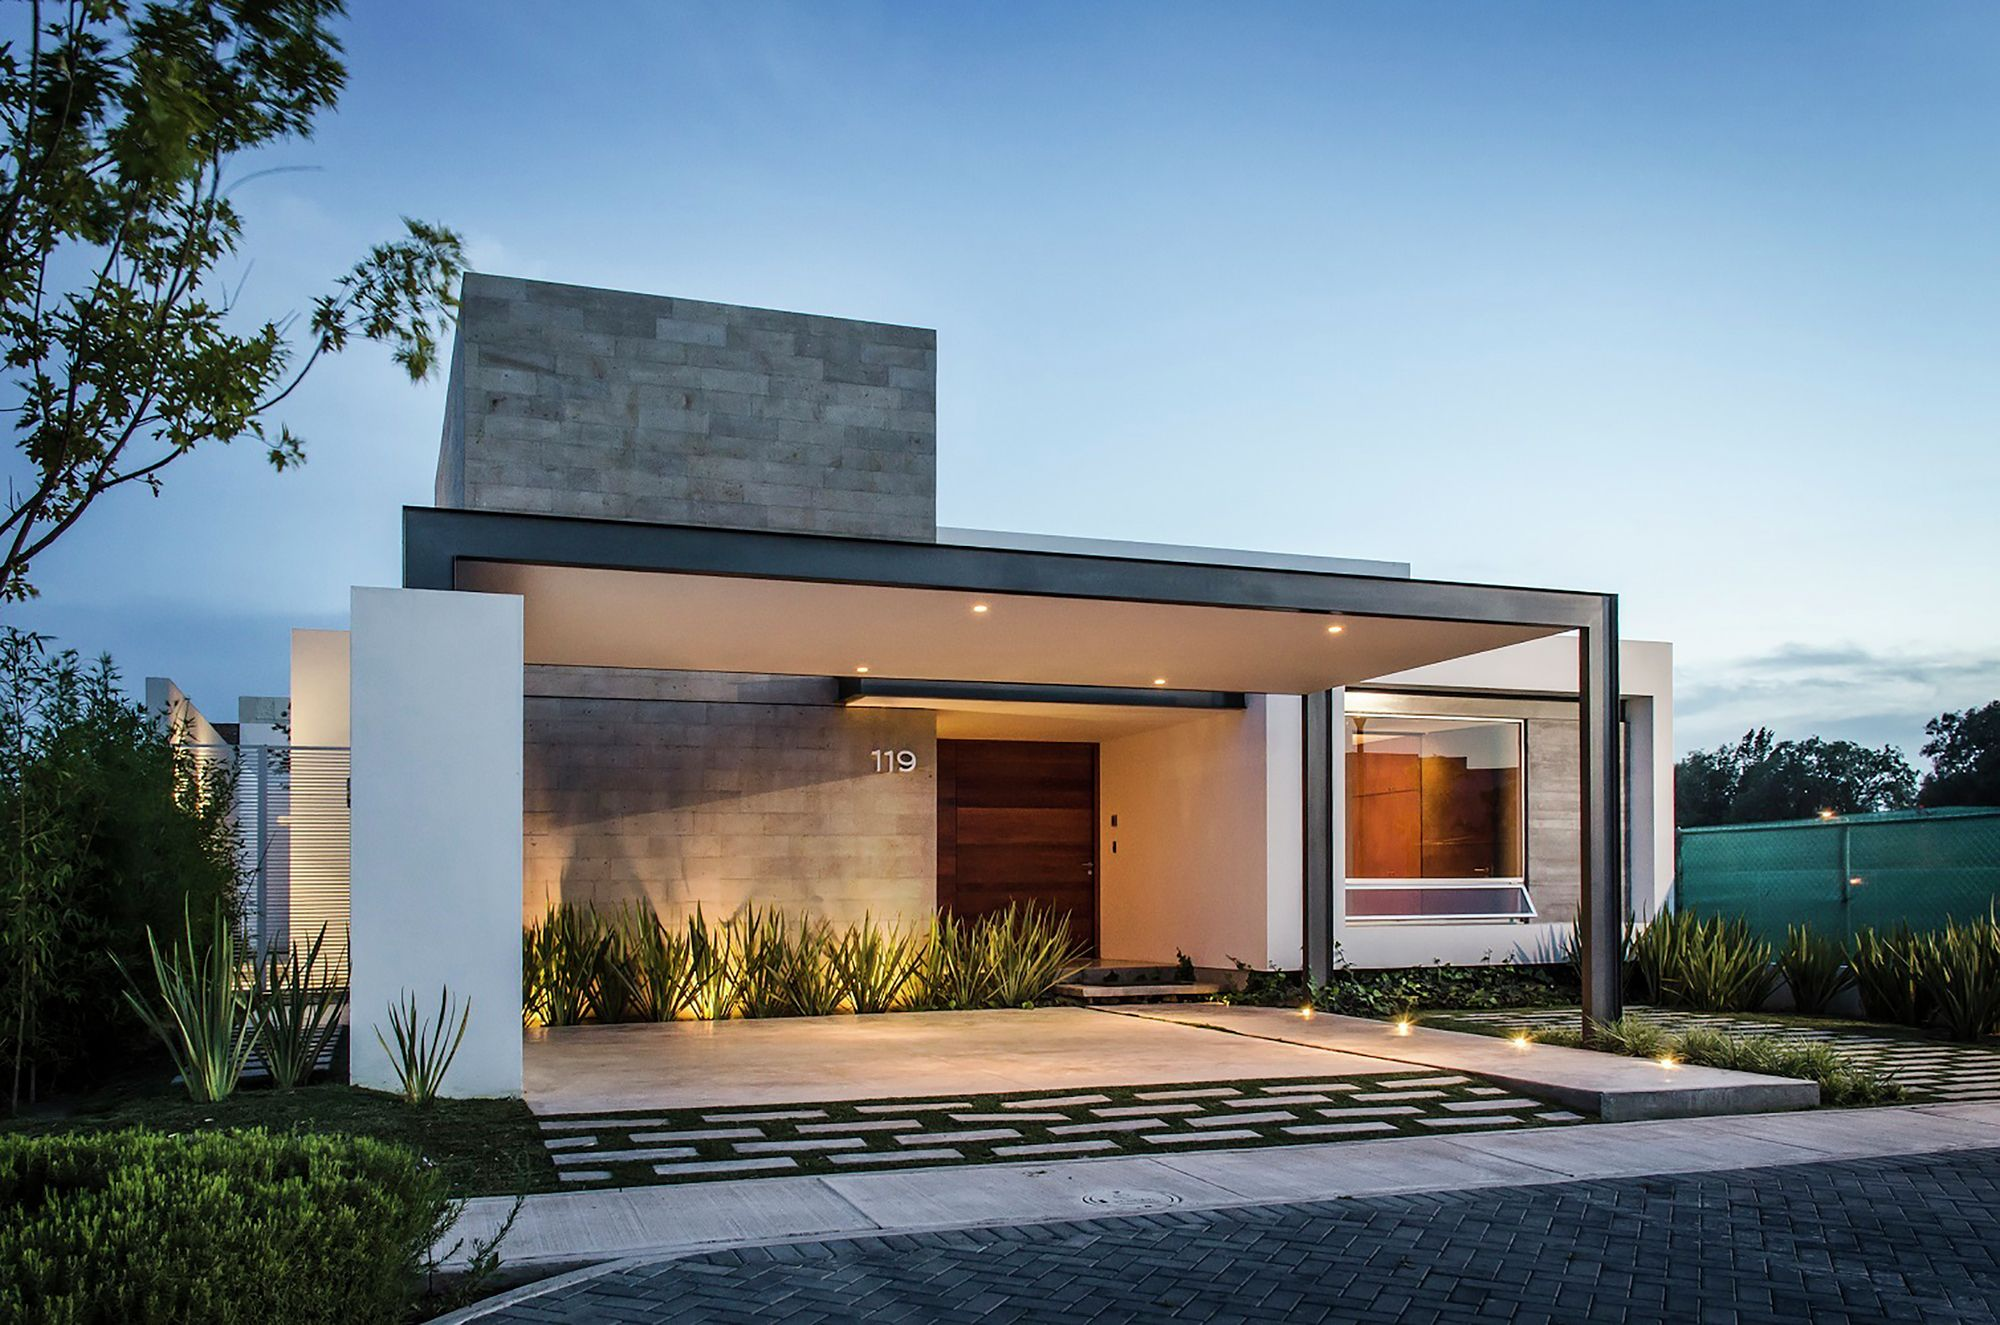 Dise o casa moderna de un piso mi casa casas modernas for Fachada de casa moderna de un piso